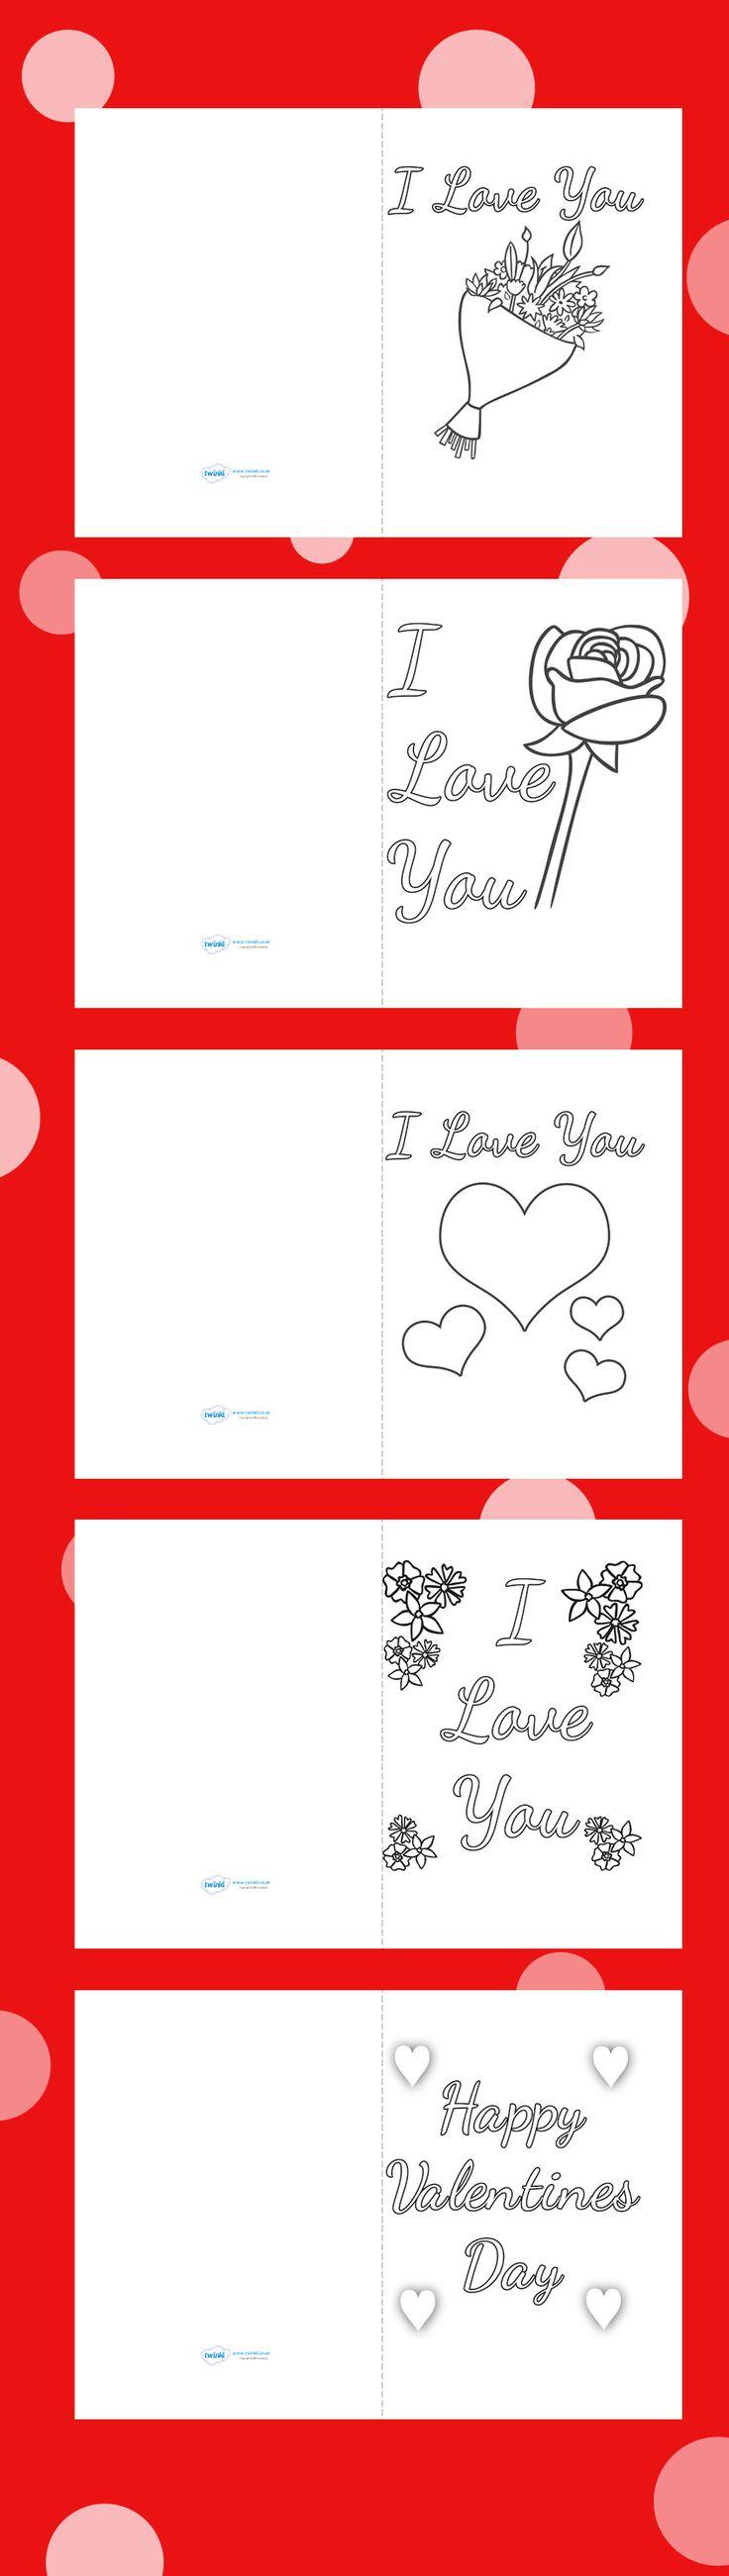 25+ best Valentines images on Pinterest | Valentine ideas ...